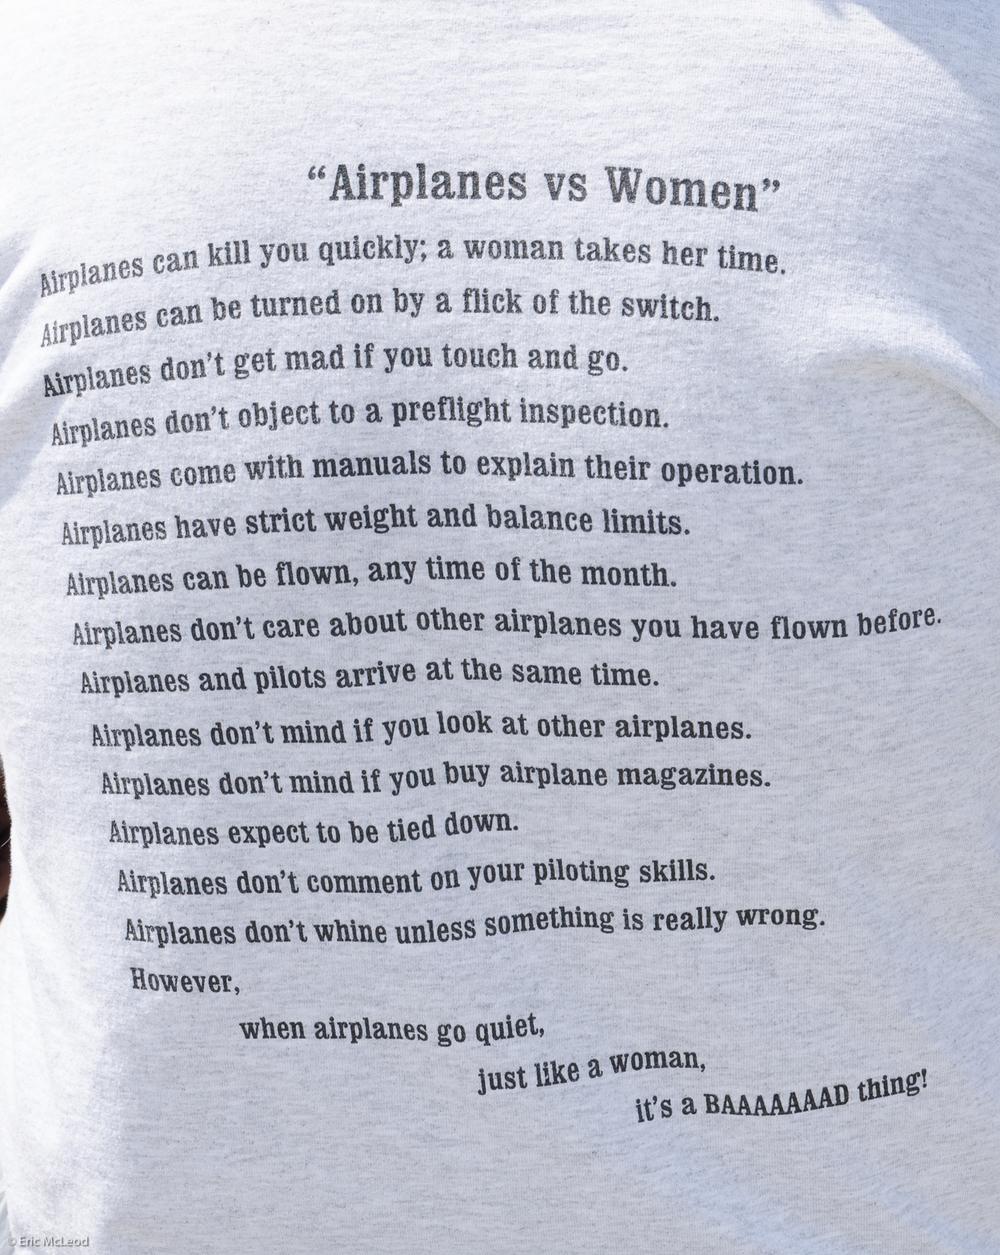 AirplaneTShirt.jpg